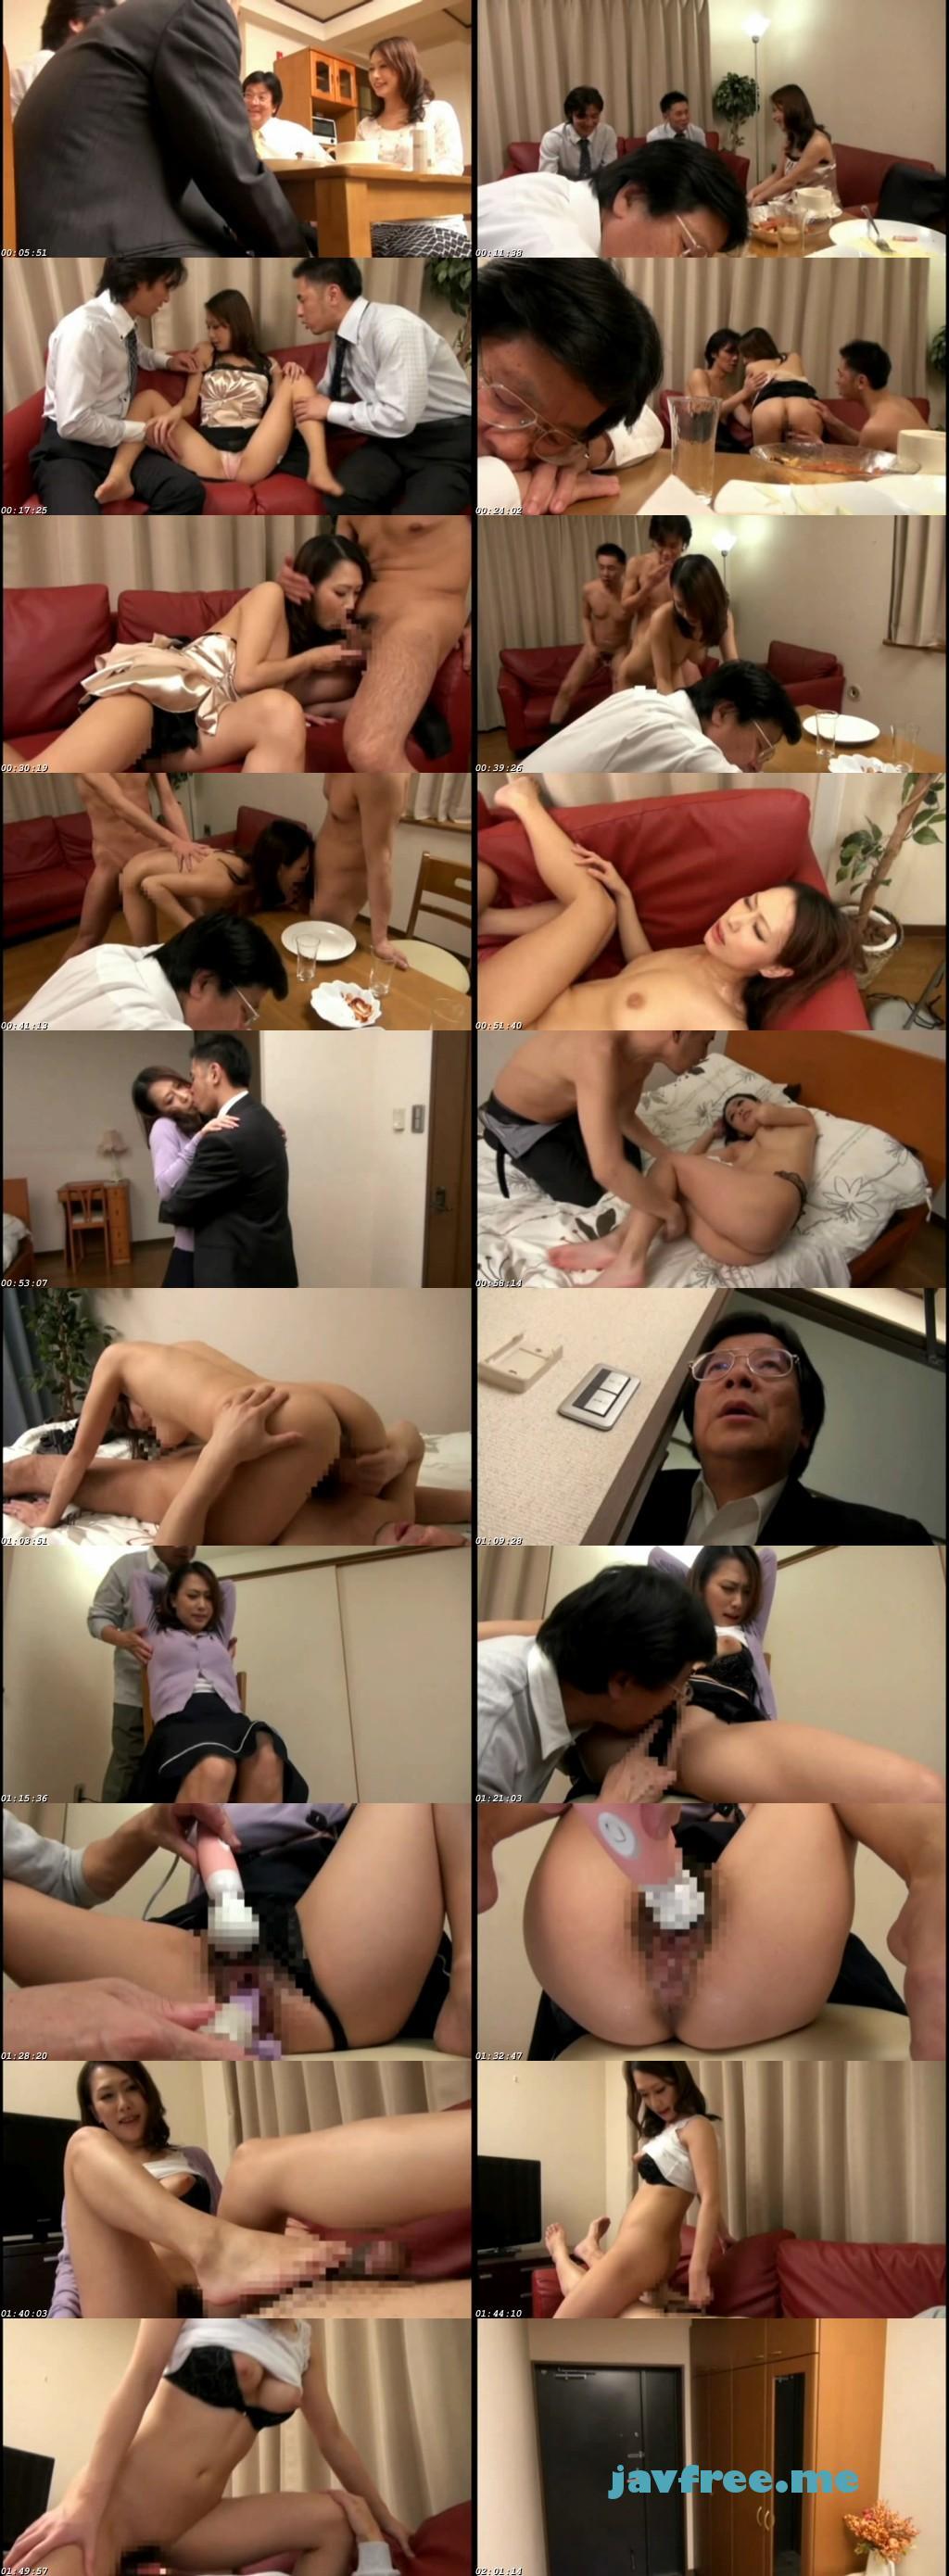 [MLW 2024] 寝取られた奥さん ~夫の部下を誘惑「あなた、ごめんなさい。つい…」 柳田やよい 柳田やよい MLW